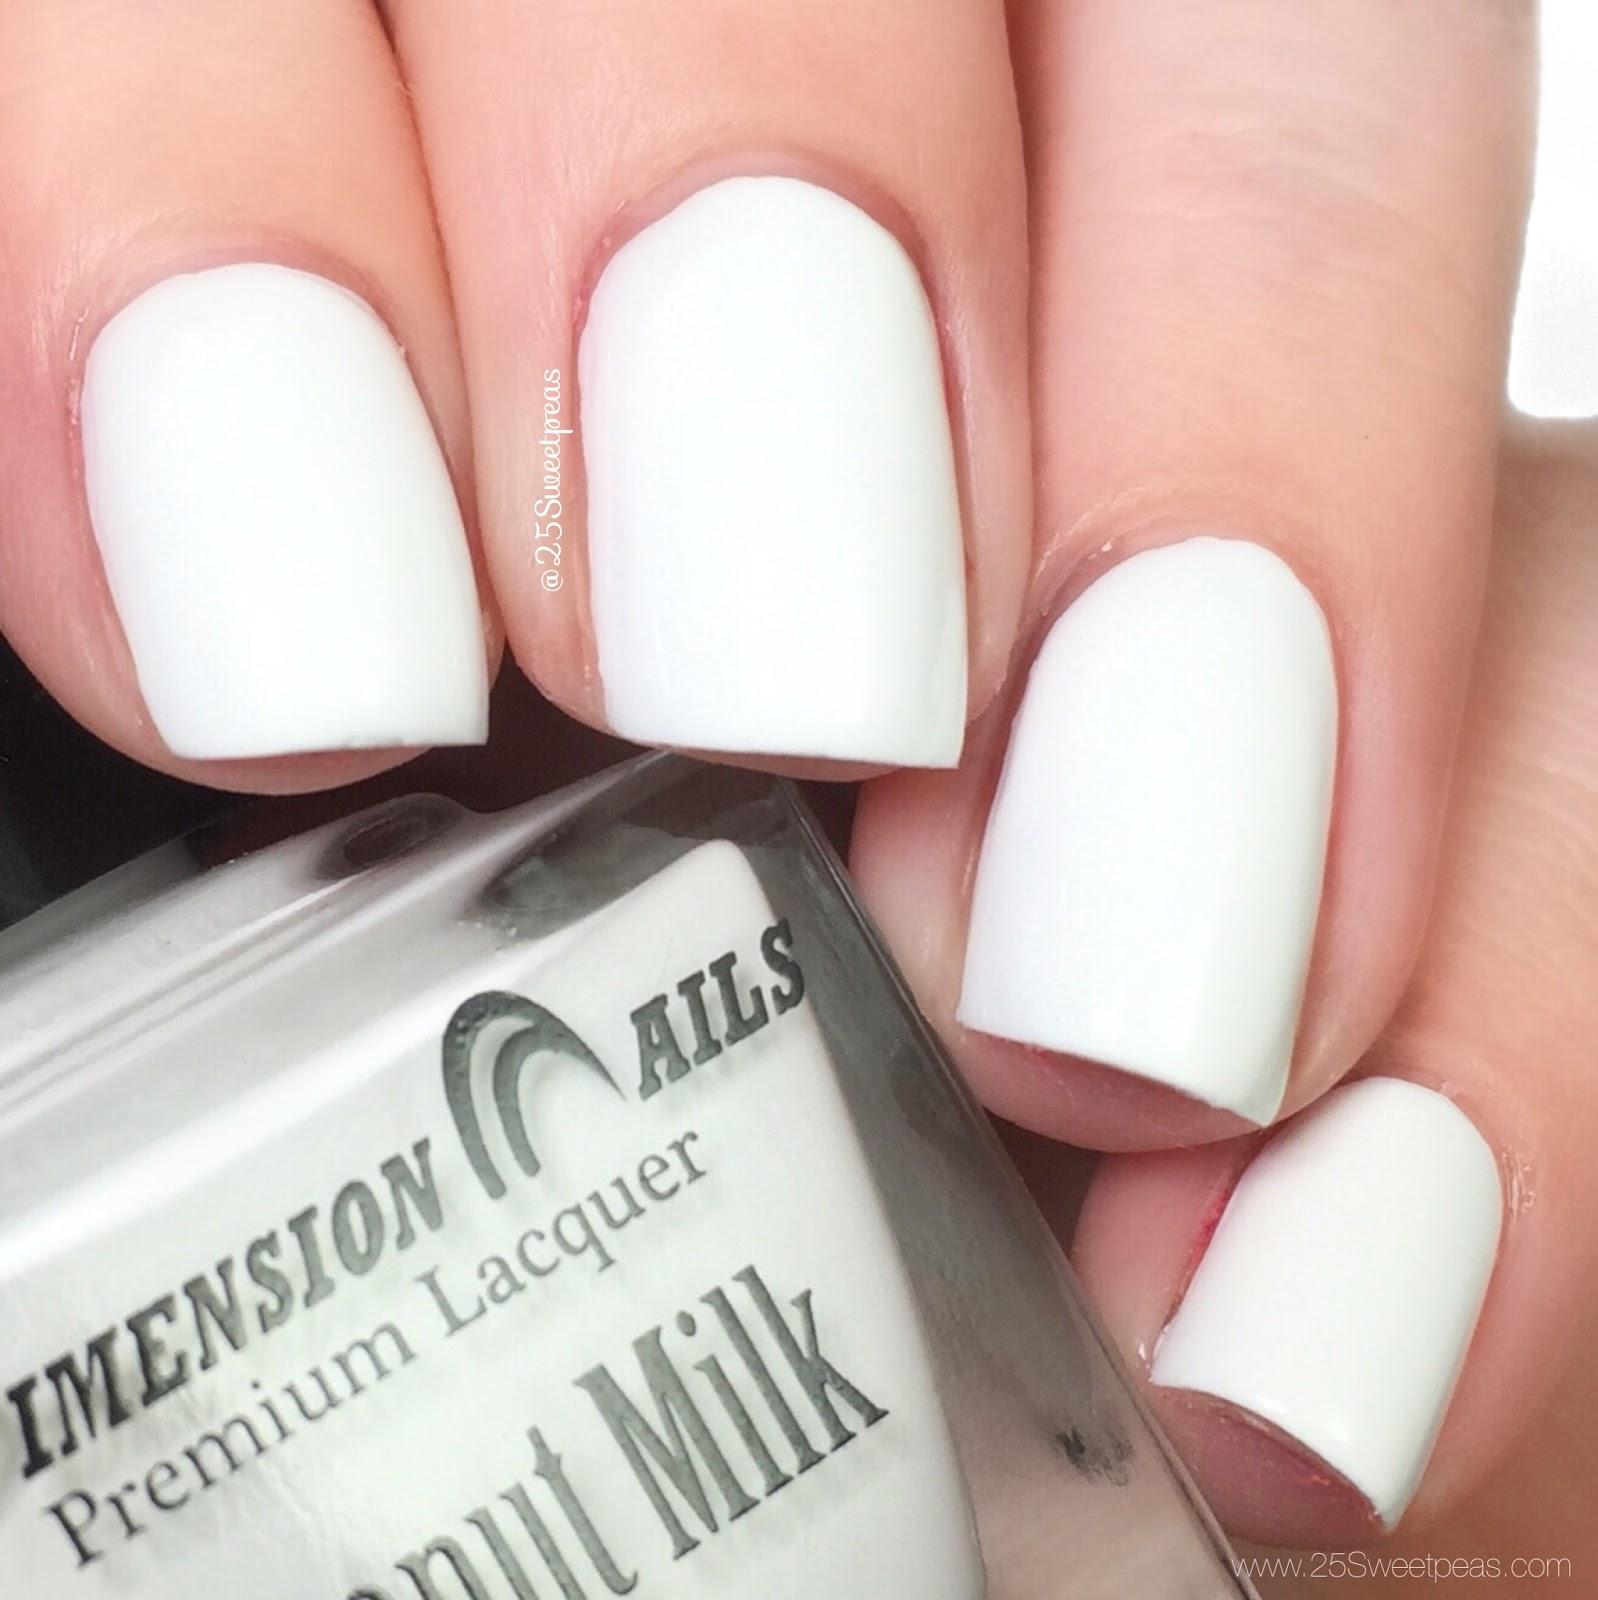 Dimension Nails Coconut Milk